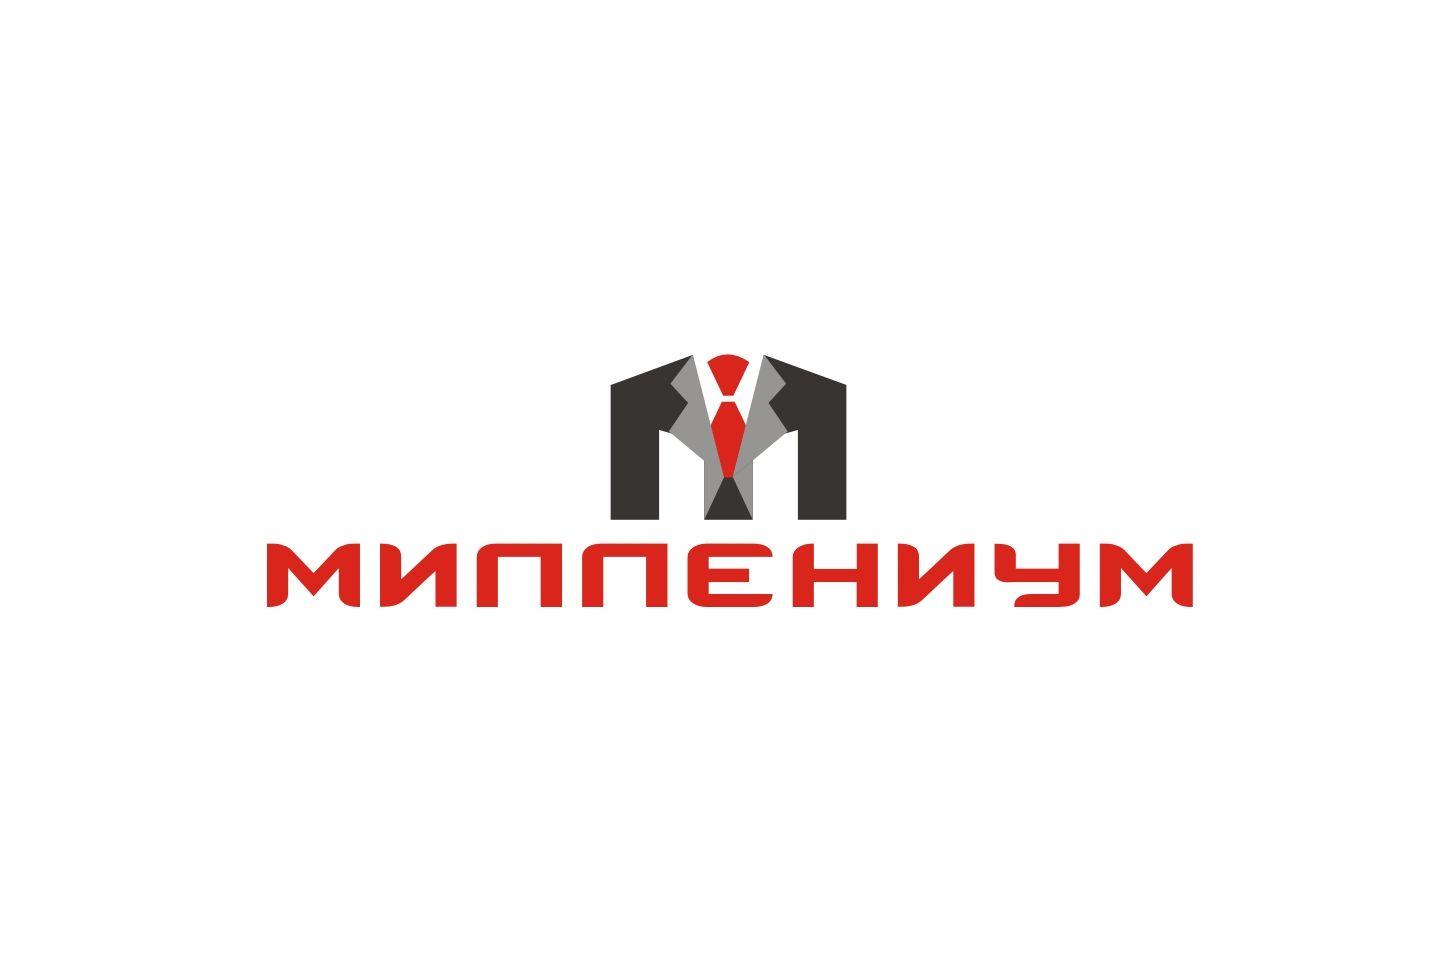 Бизнес Альянс Милленниум - дизайнер Lucknni